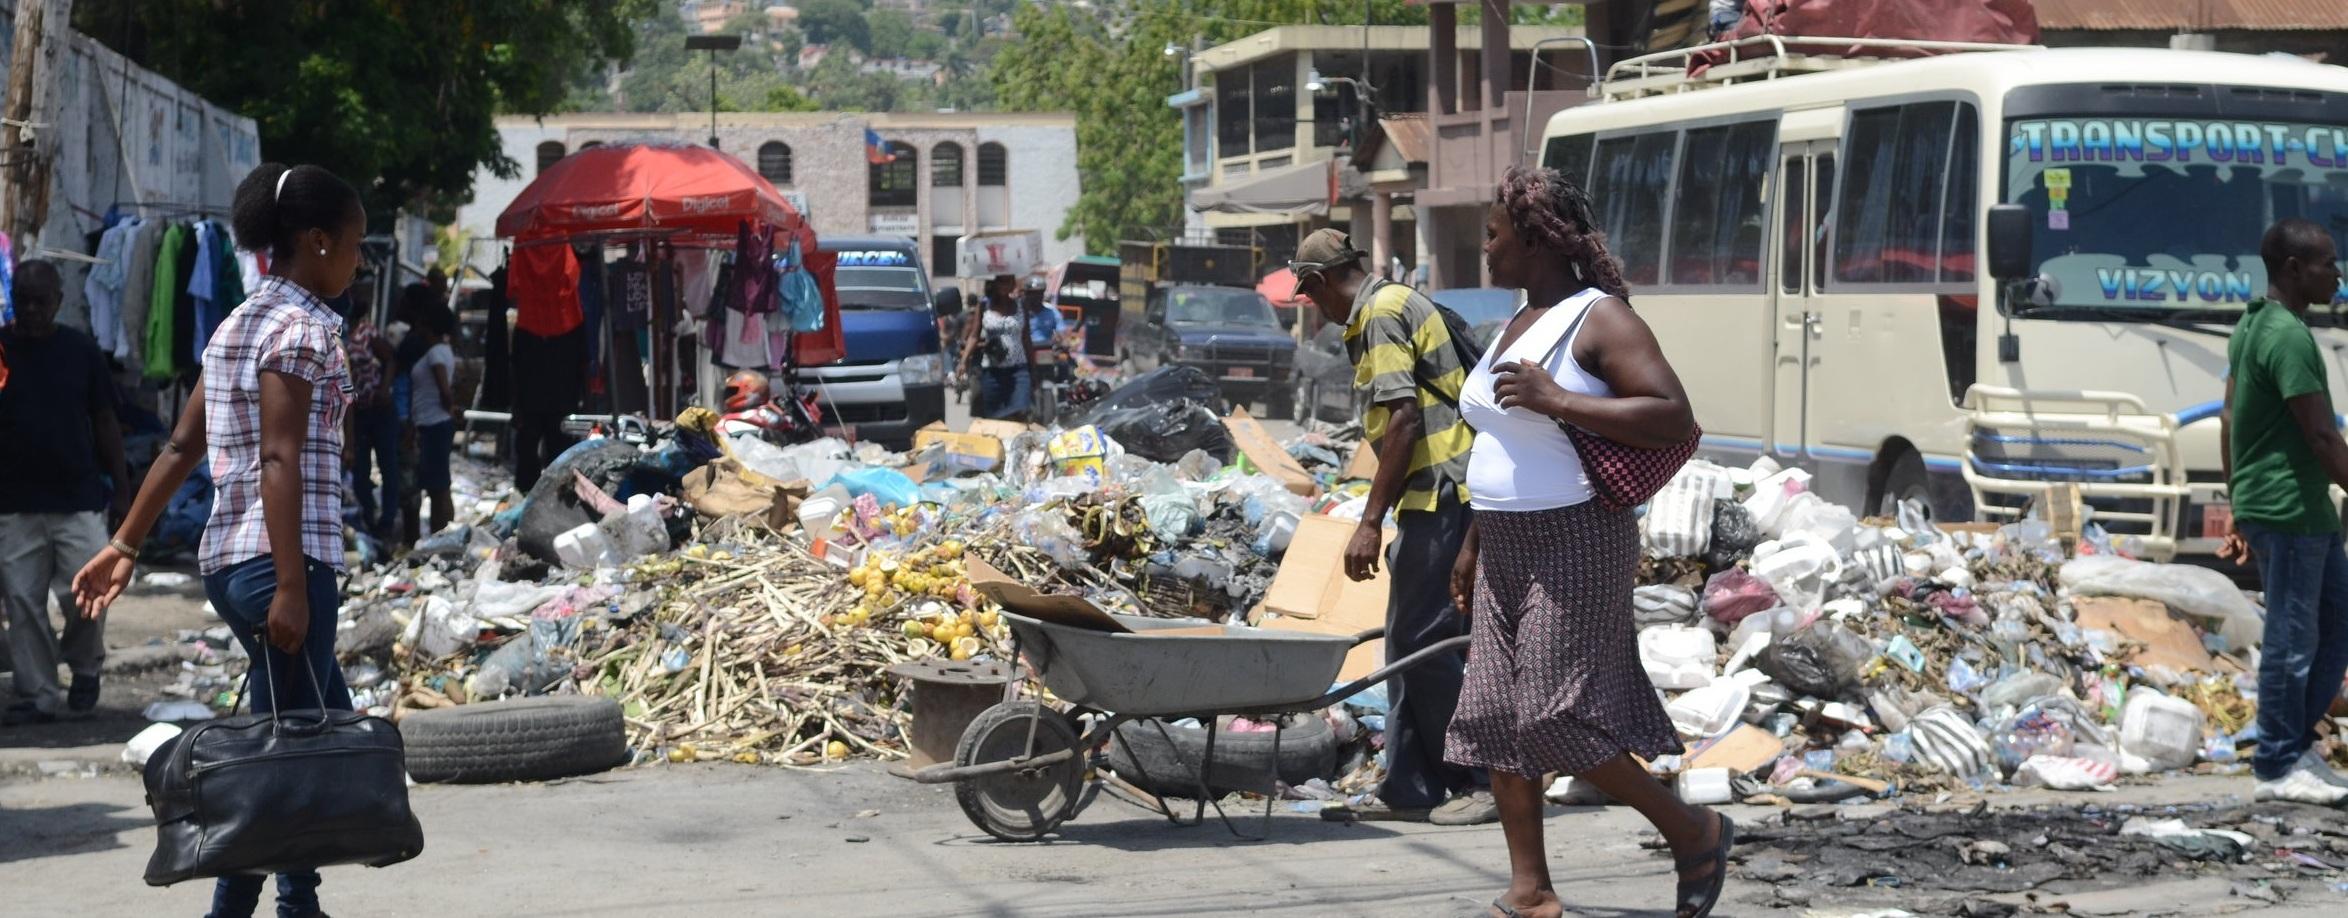 Haiti0032.jpg